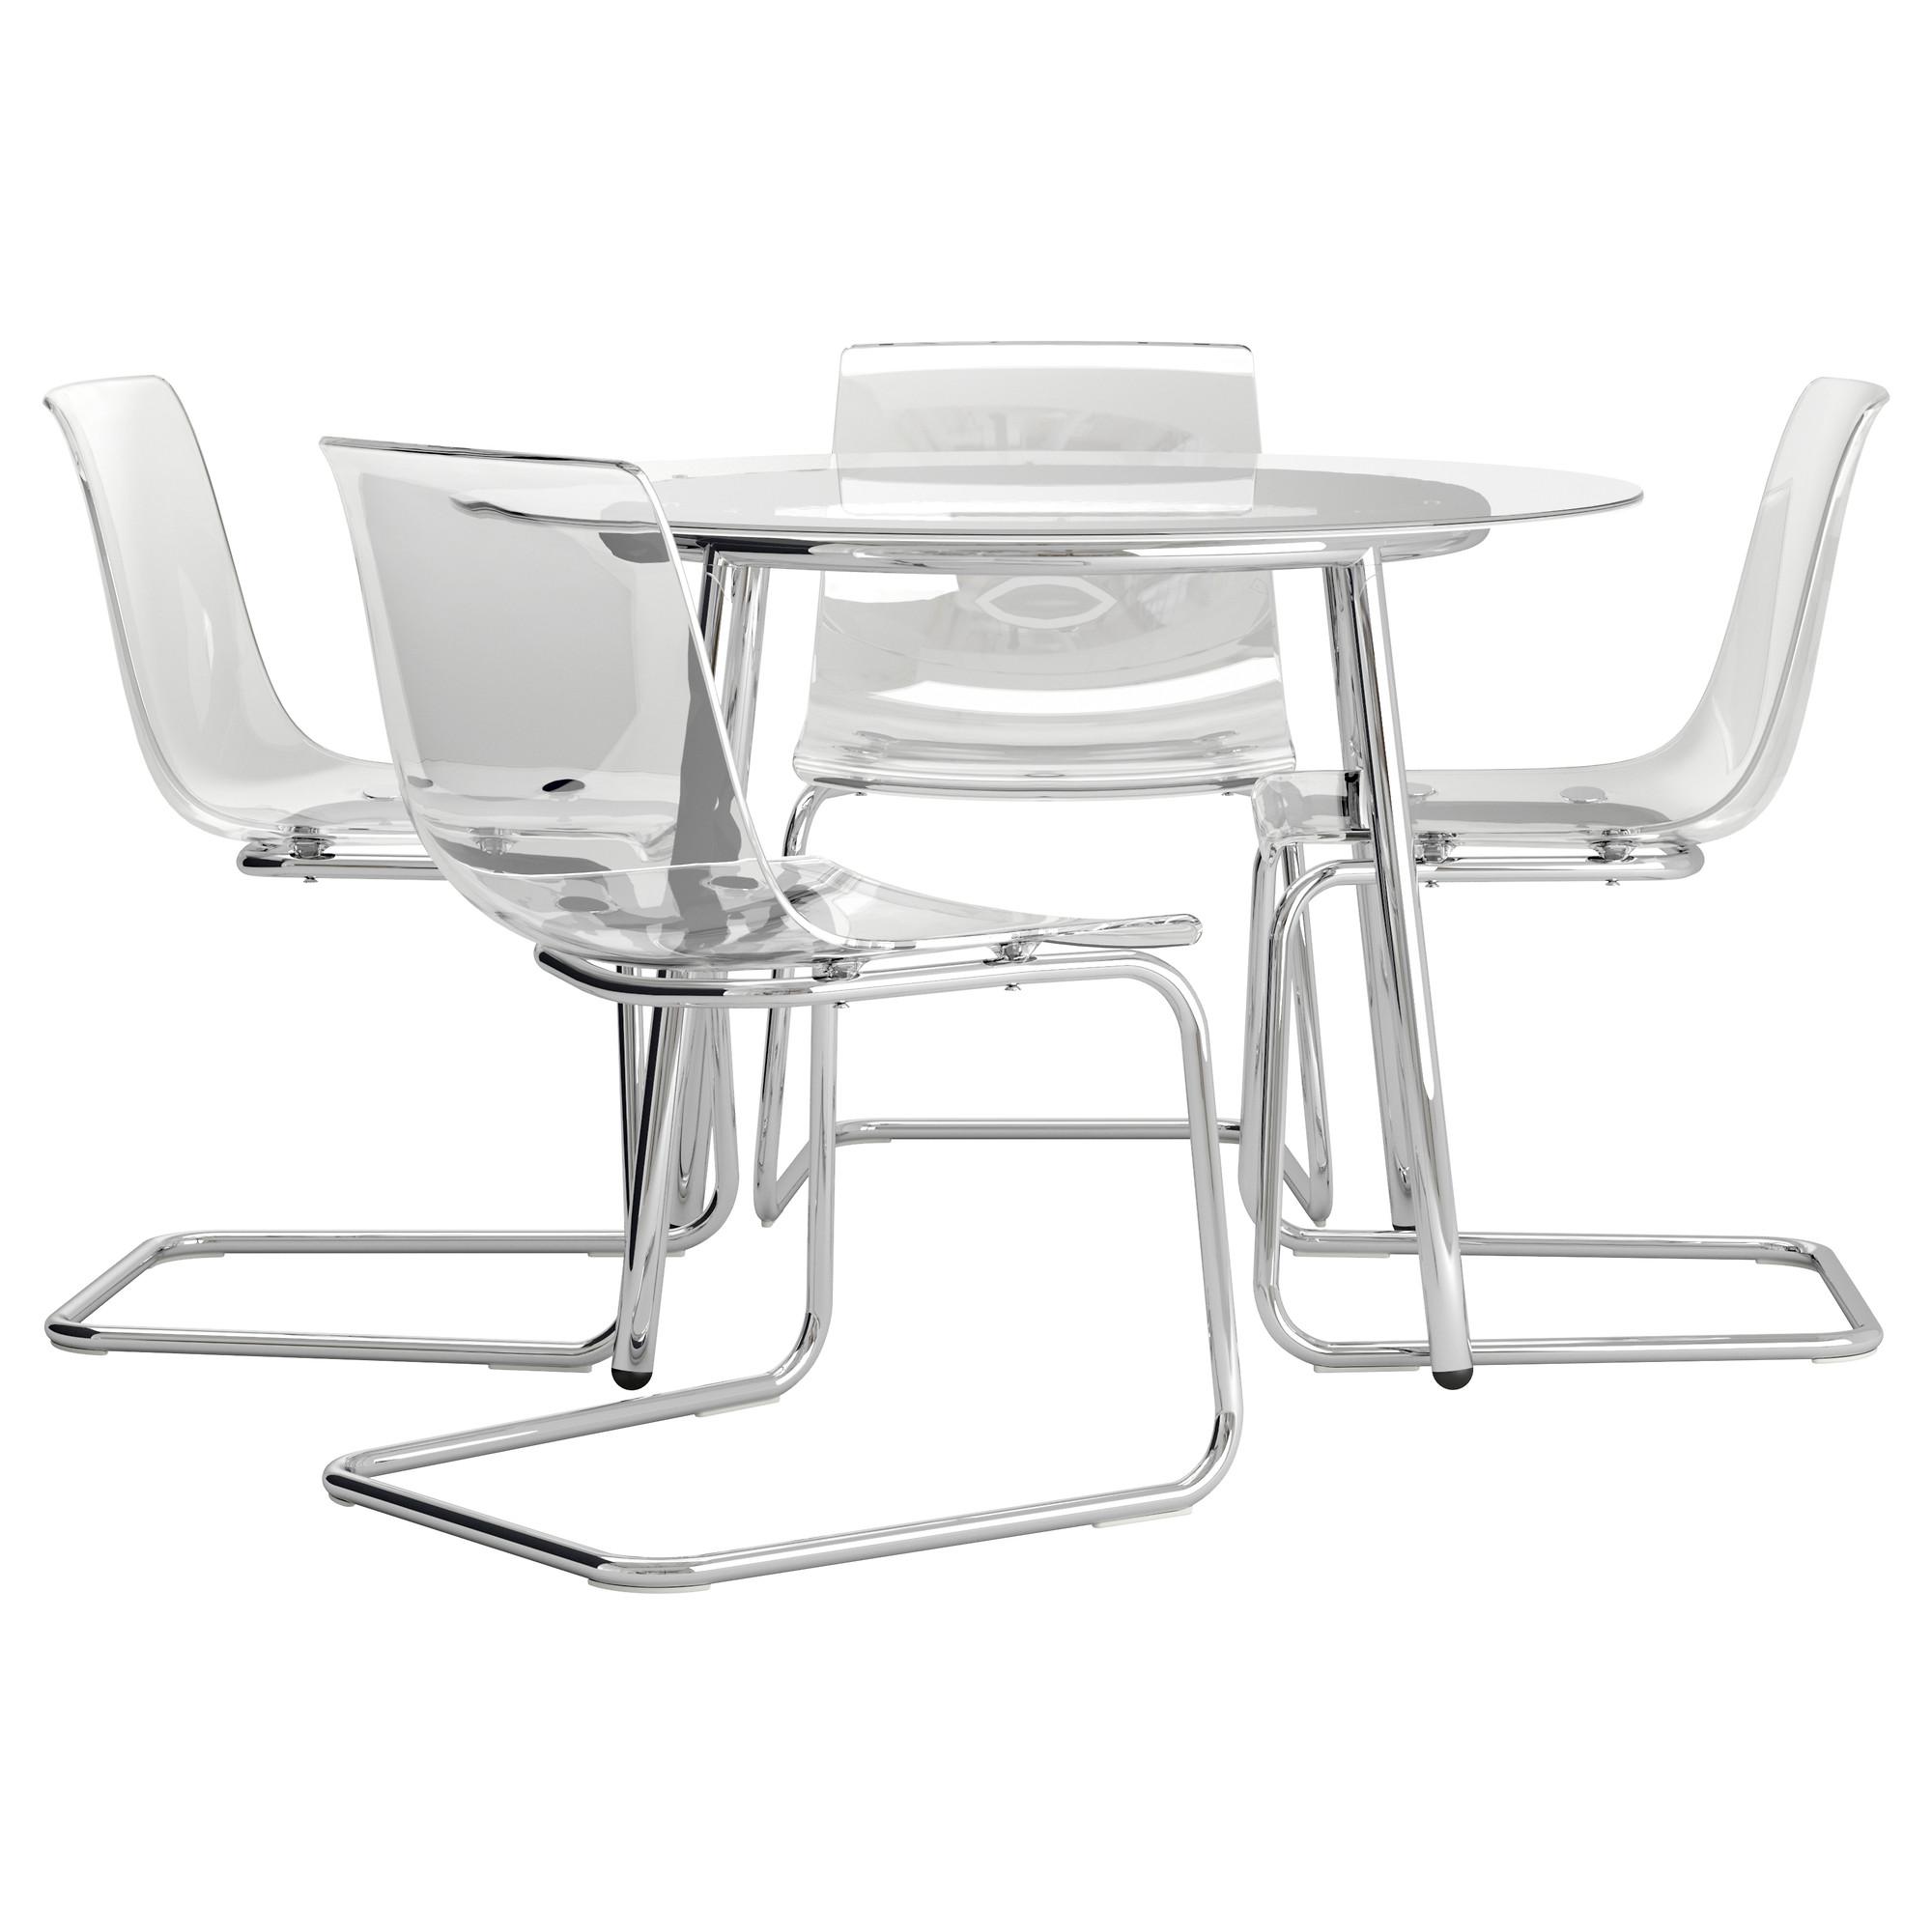 retro kitchen chairs black photo - 1